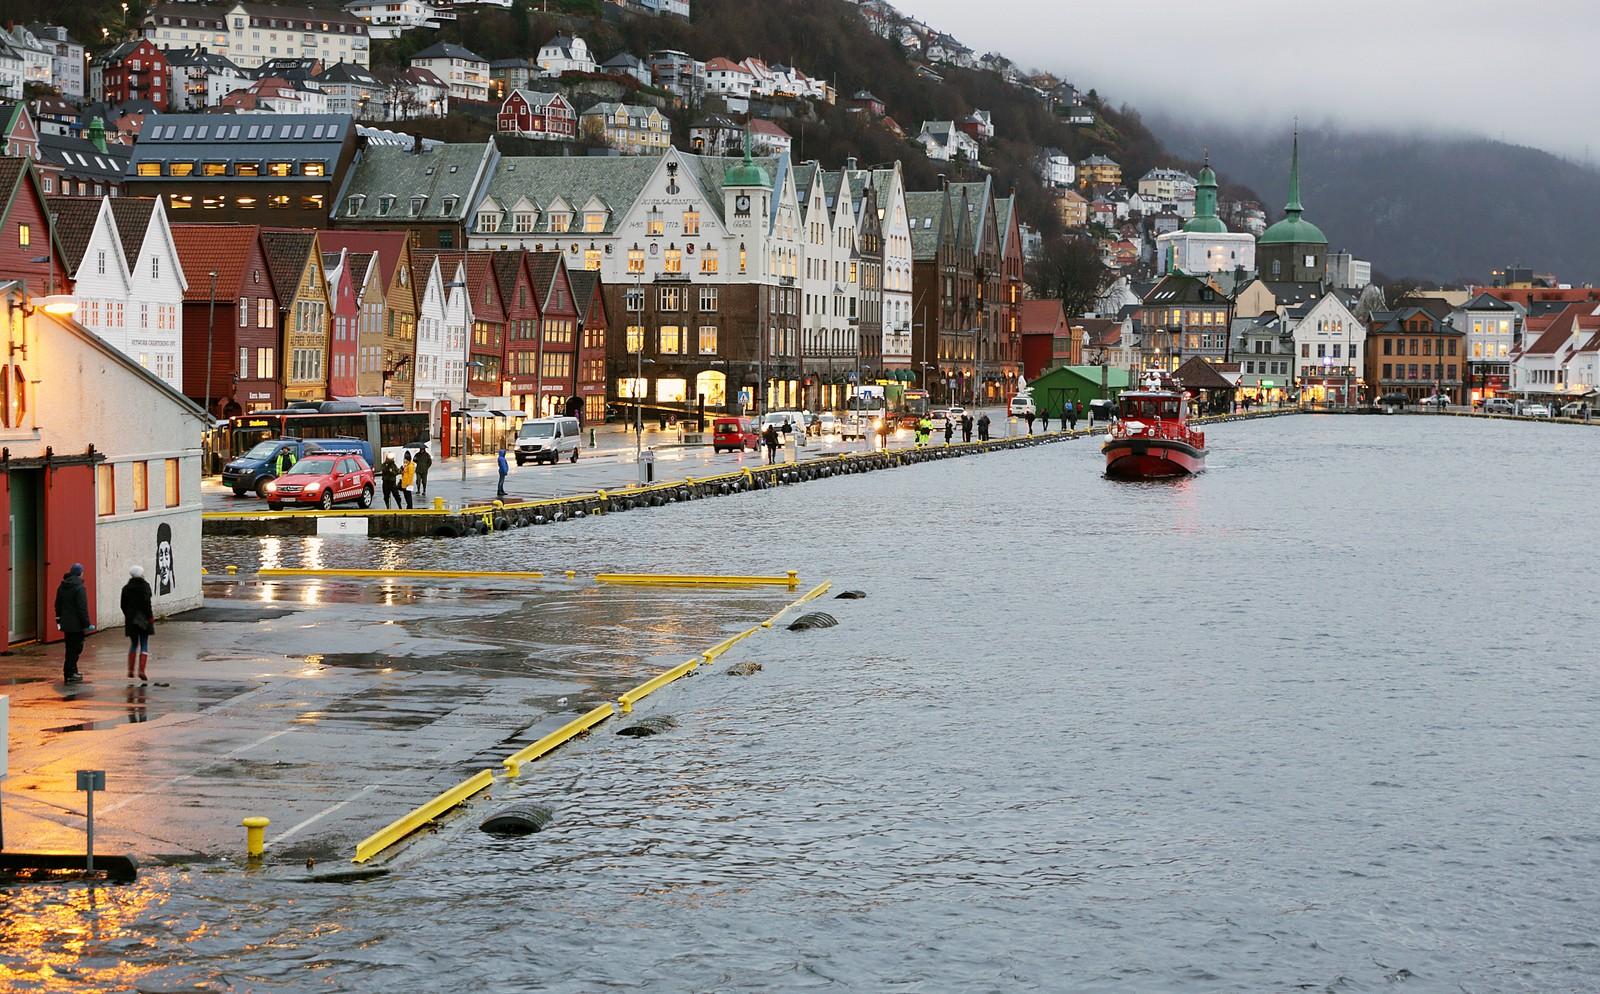 Faretruande nært, men aldri heilt over ved Bryggen i Bergen.